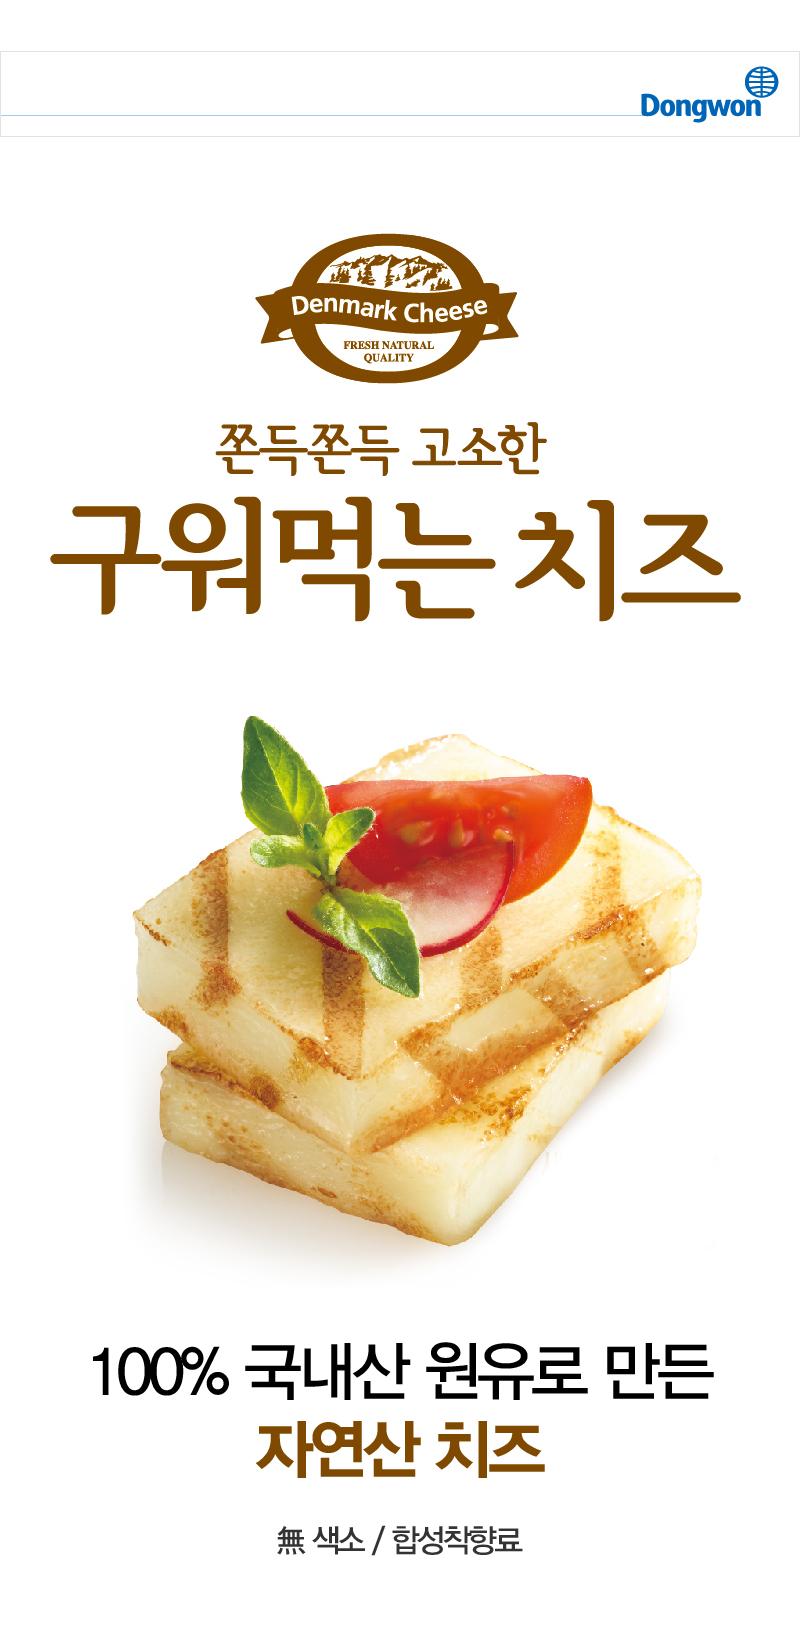 쫀득쫀득 고소한 구워먹는 치즈 100% 국내산 원유로 만든 자연산 치즈 무색소 / 합성착향료